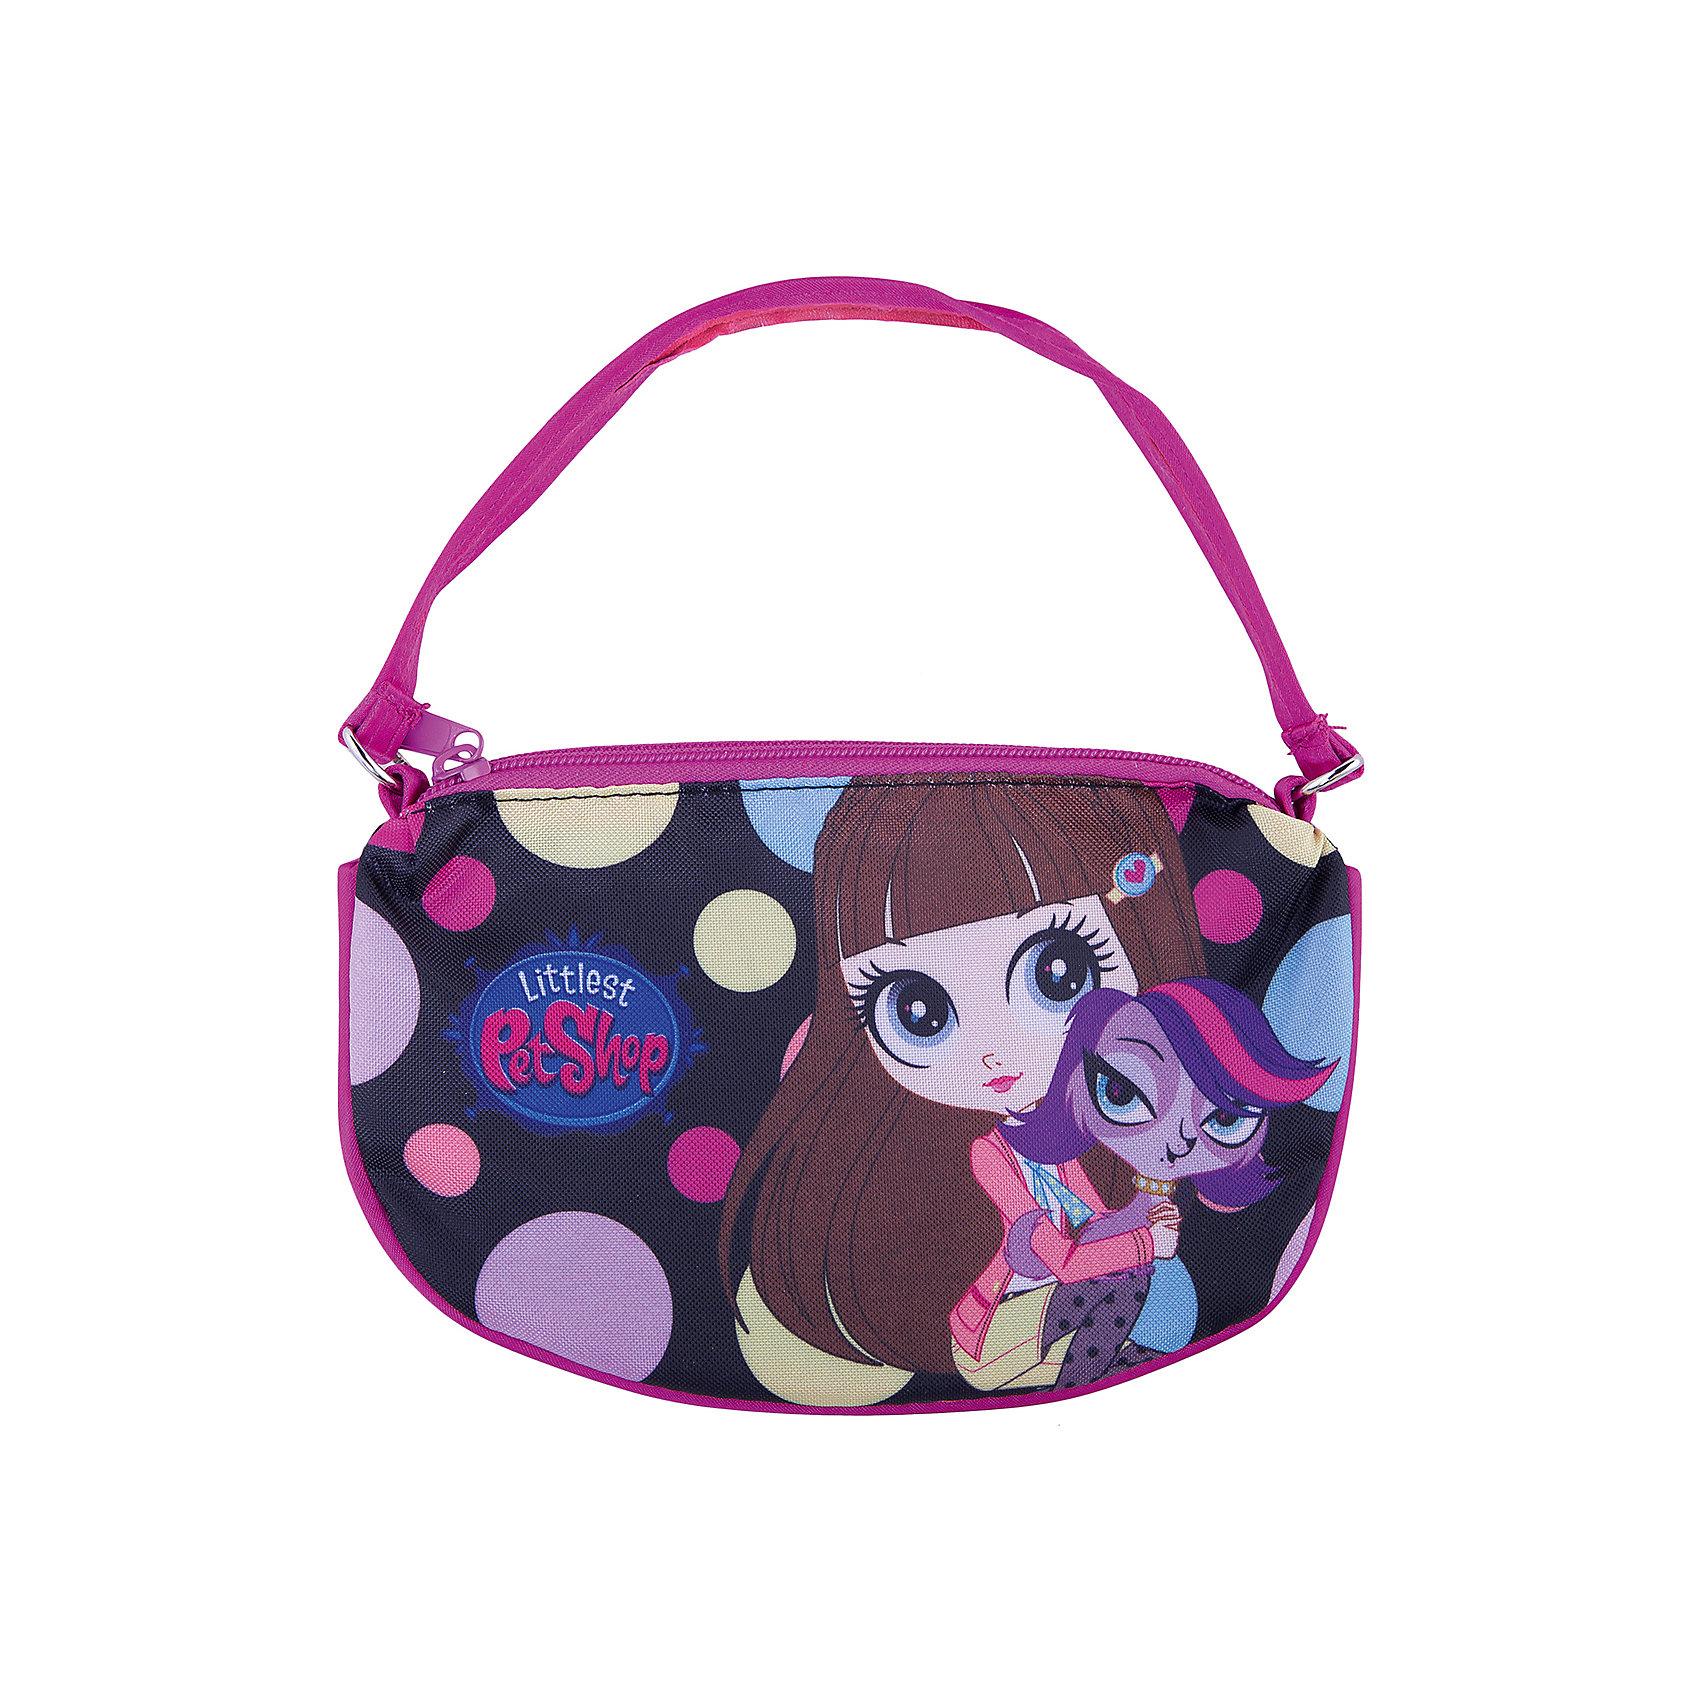 Сумка-клатч, Littlest Pet ShopДетские сумки<br>Детская сумочка-клатч - это одновременно стильная и удобная вещь. Она компактна и не занимает много места, в ней можно разместить все самые необходимые вещи. Сумочка закрывается на молнию и снабжена текстильной ручкой.<br><br>Дополнительная информация:<br><br>Одно отделение на молнии.<br>Размер 12,5 х 20 х 1 см.<br><br>Сумку-клатч Littlest Pet Shop (Маленький зоомагазин) 12,5*20*1 см можно купить в нашем магазине.<br><br>Ширина мм: 125<br>Глубина мм: 200<br>Высота мм: 10<br>Вес г: 38<br>Возраст от месяцев: 48<br>Возраст до месяцев: 84<br>Пол: Женский<br>Возраст: Детский<br>SKU: 4140998